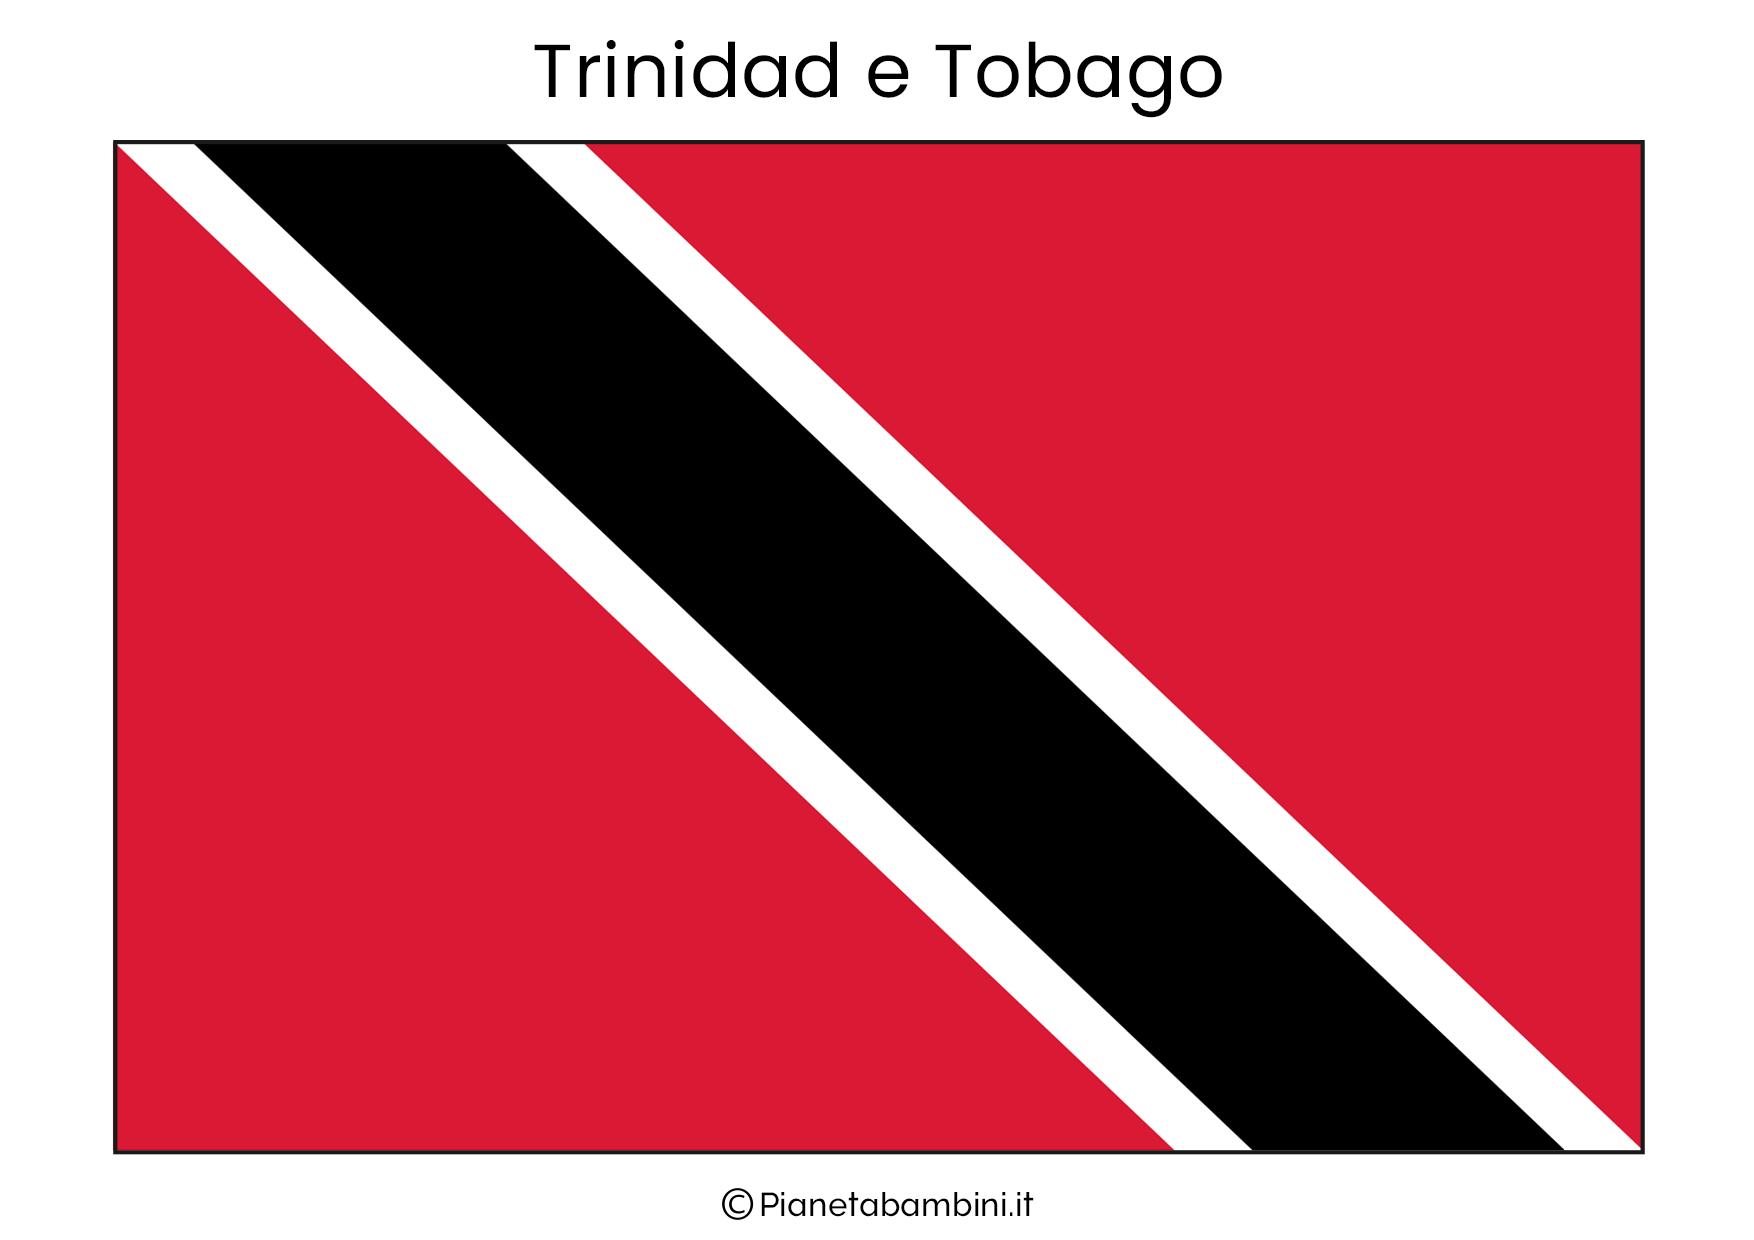 Bandiera di Trinidad e Tobago da stampare